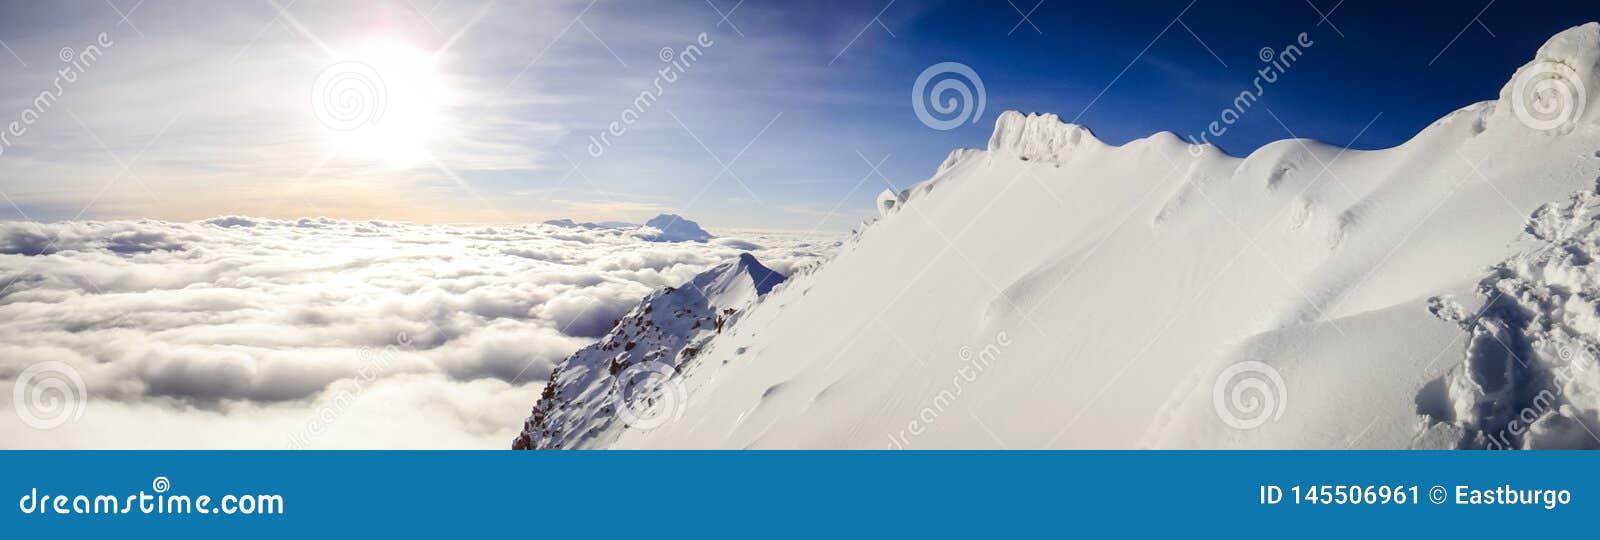 Ένα θεϊκό πανόραμα από μια βολιβιανή κορυφή βουνών